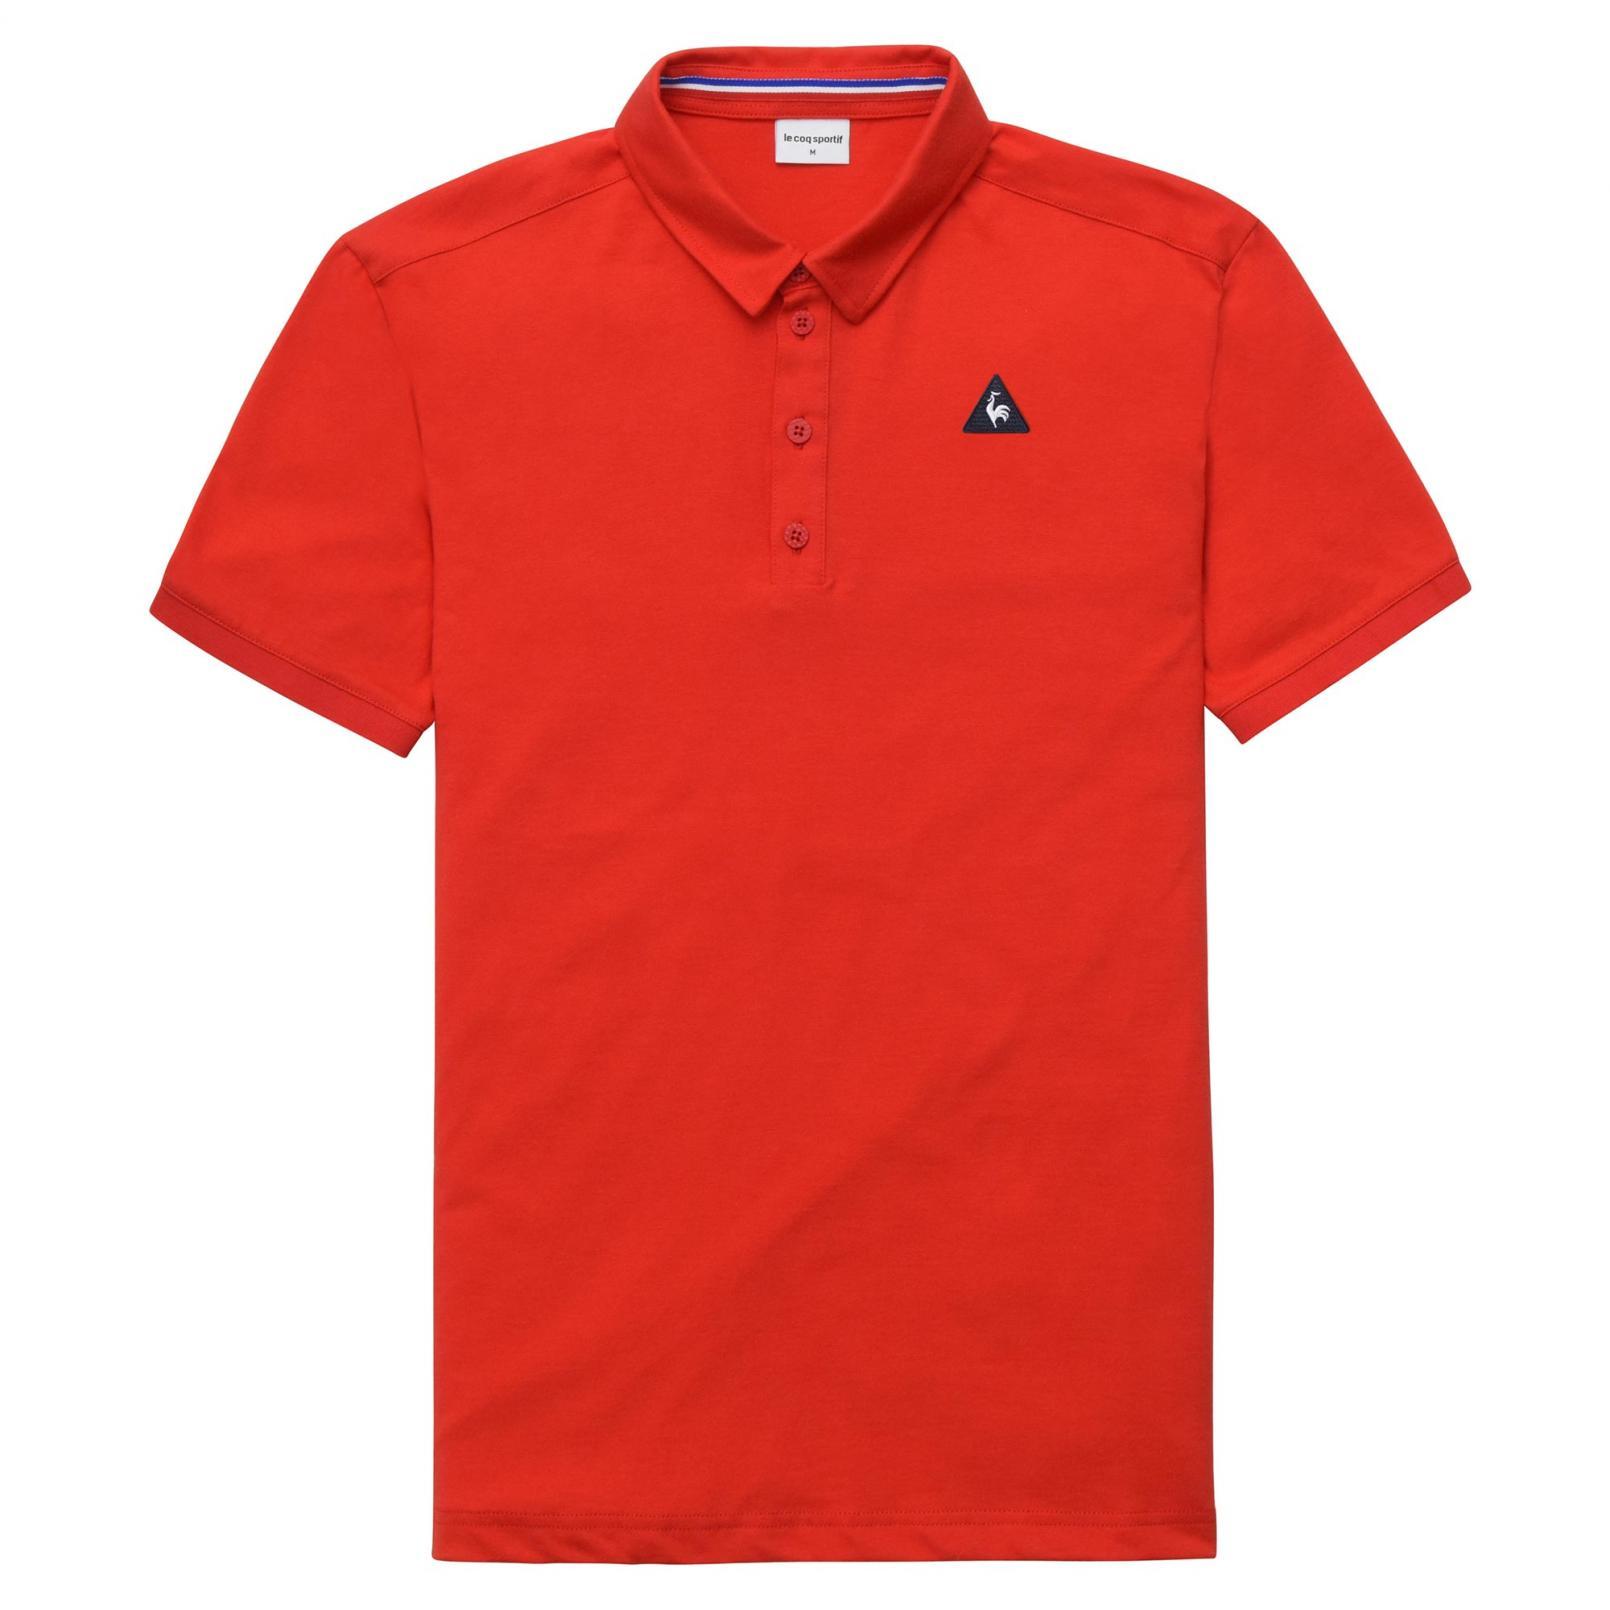 Polo – Le Coq Sportif Essentiels Polo Red